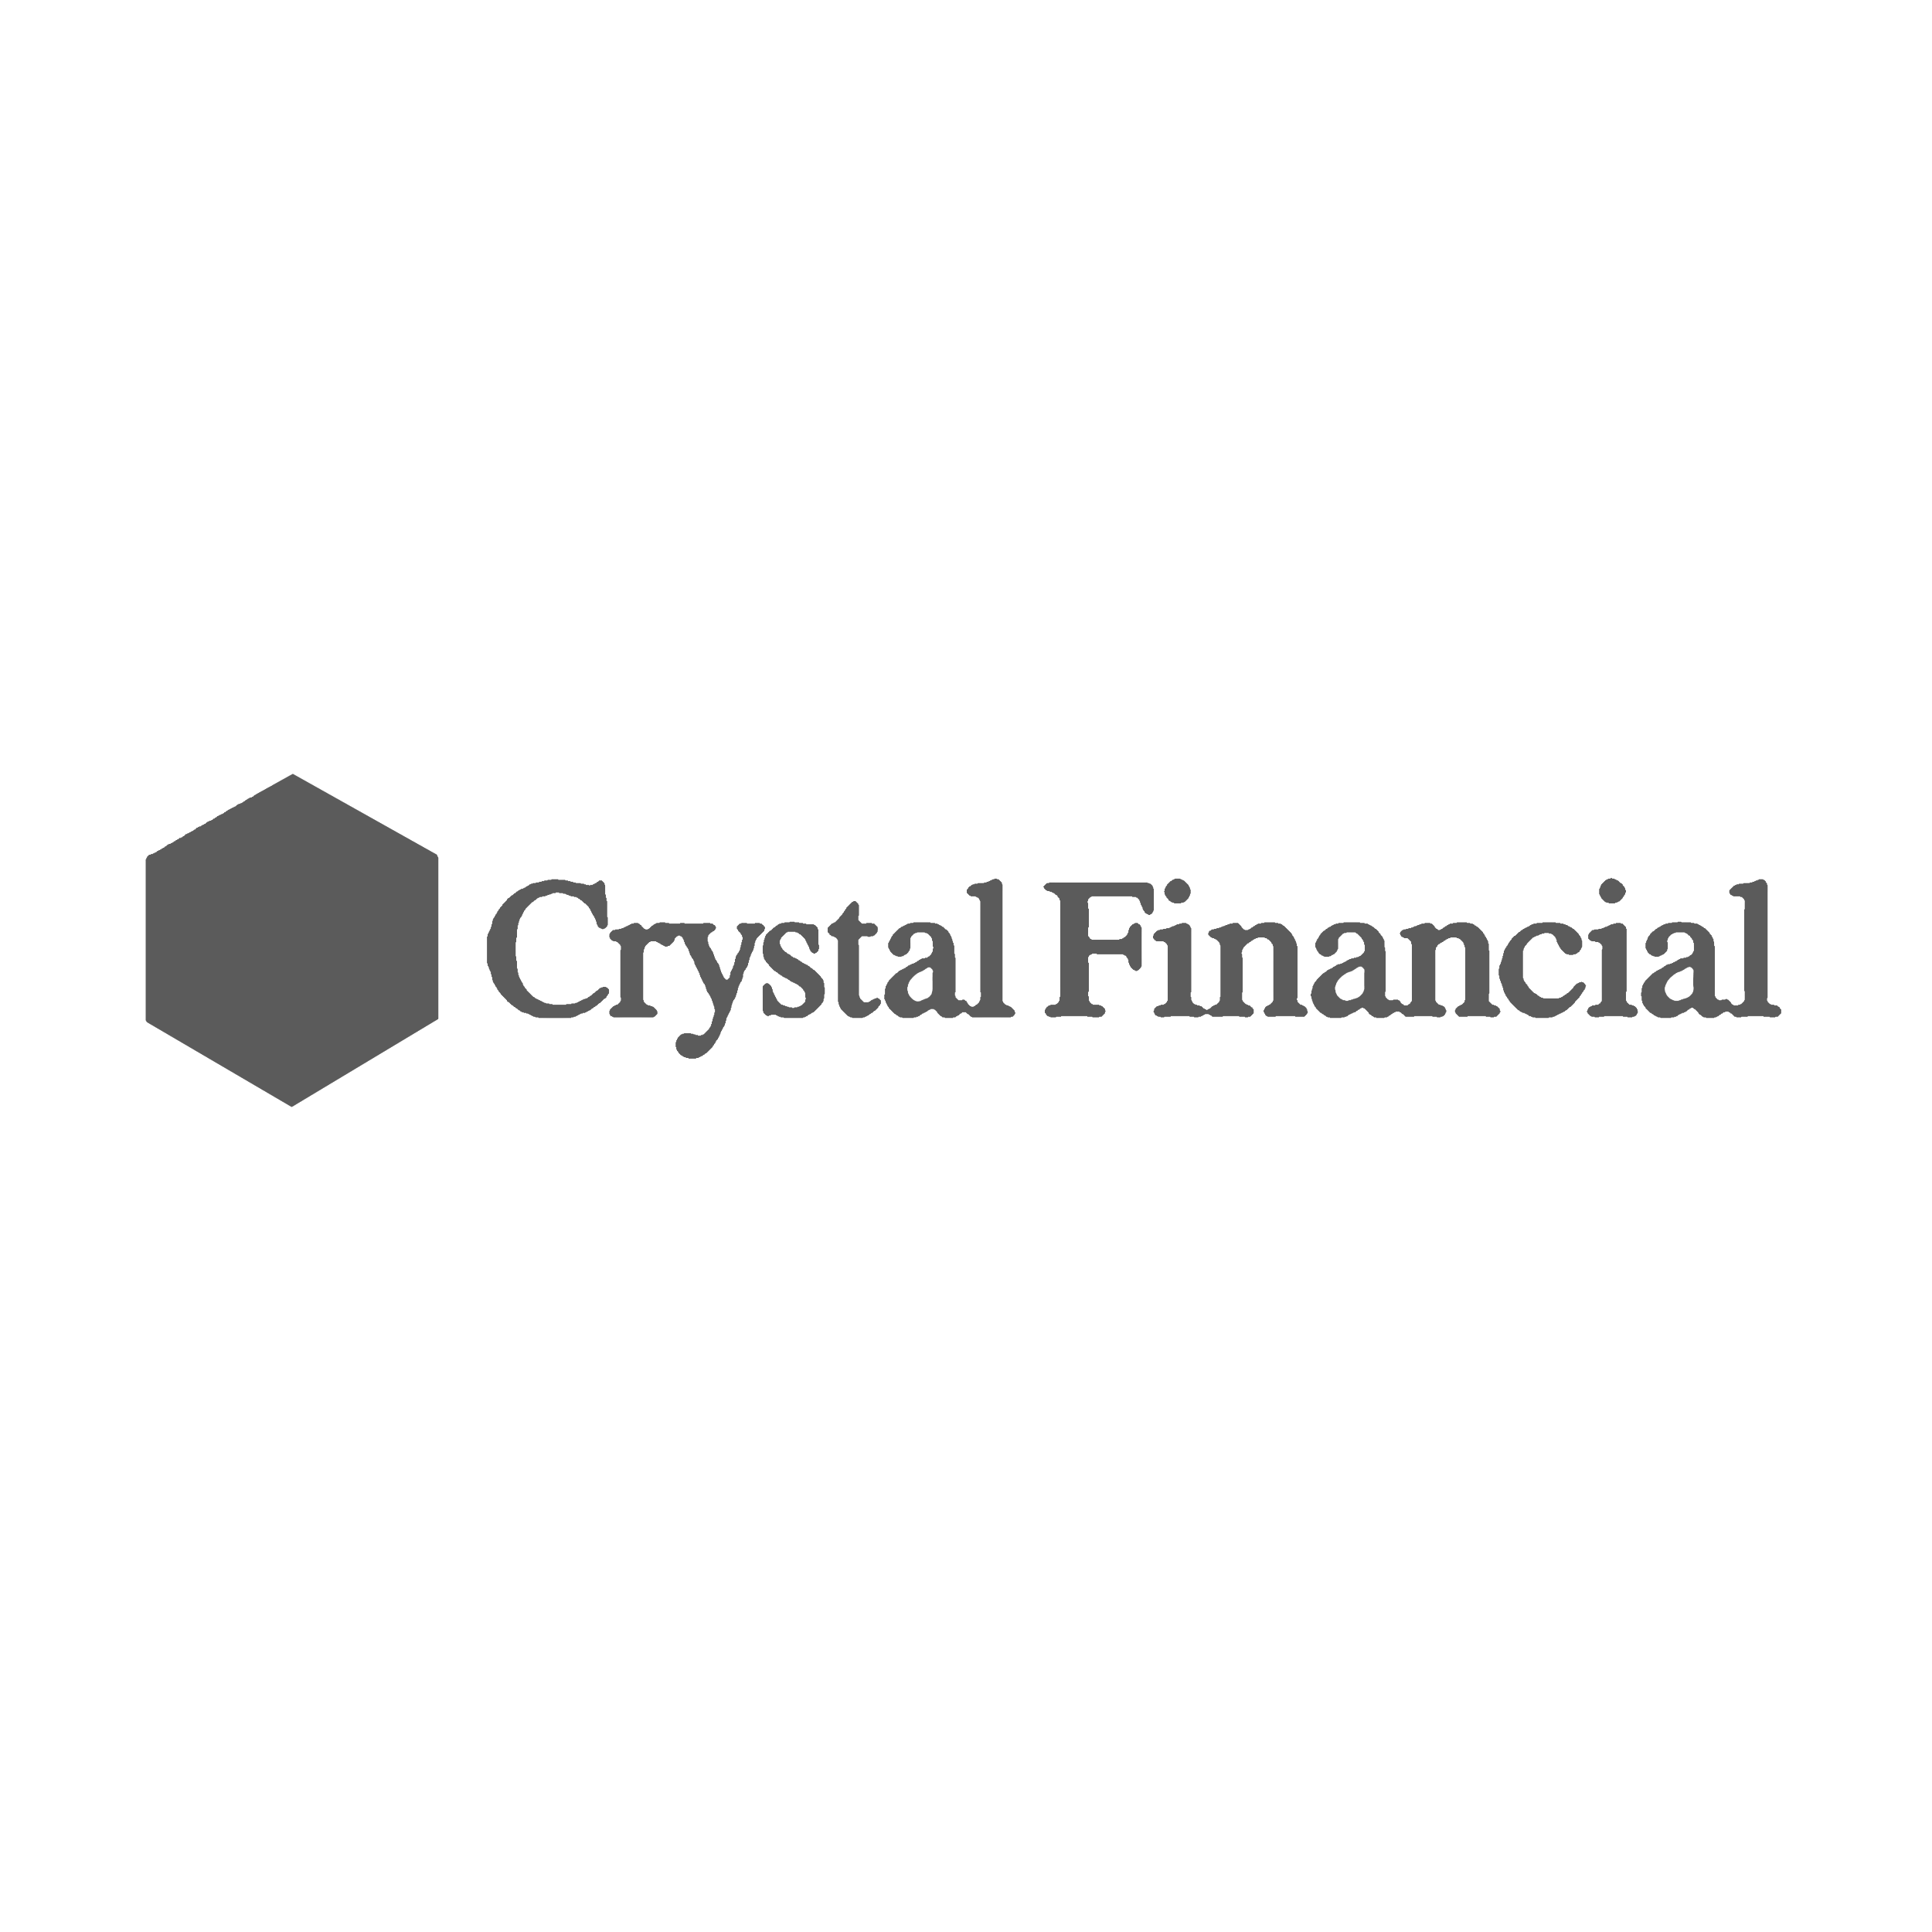 http://crystalfinco.com/